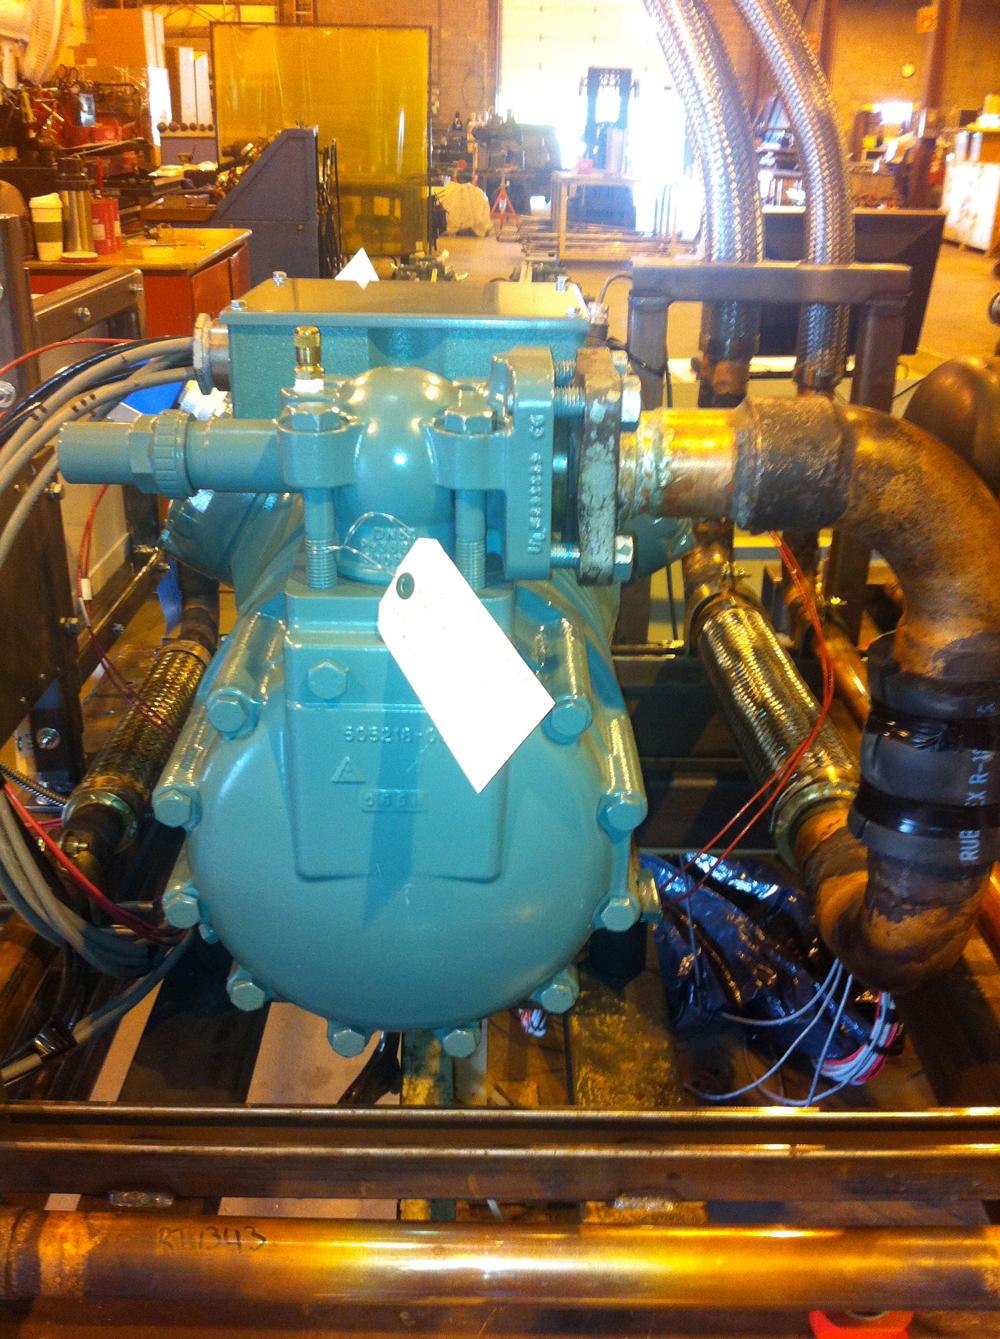 Nuclear Reciprocating Compressors